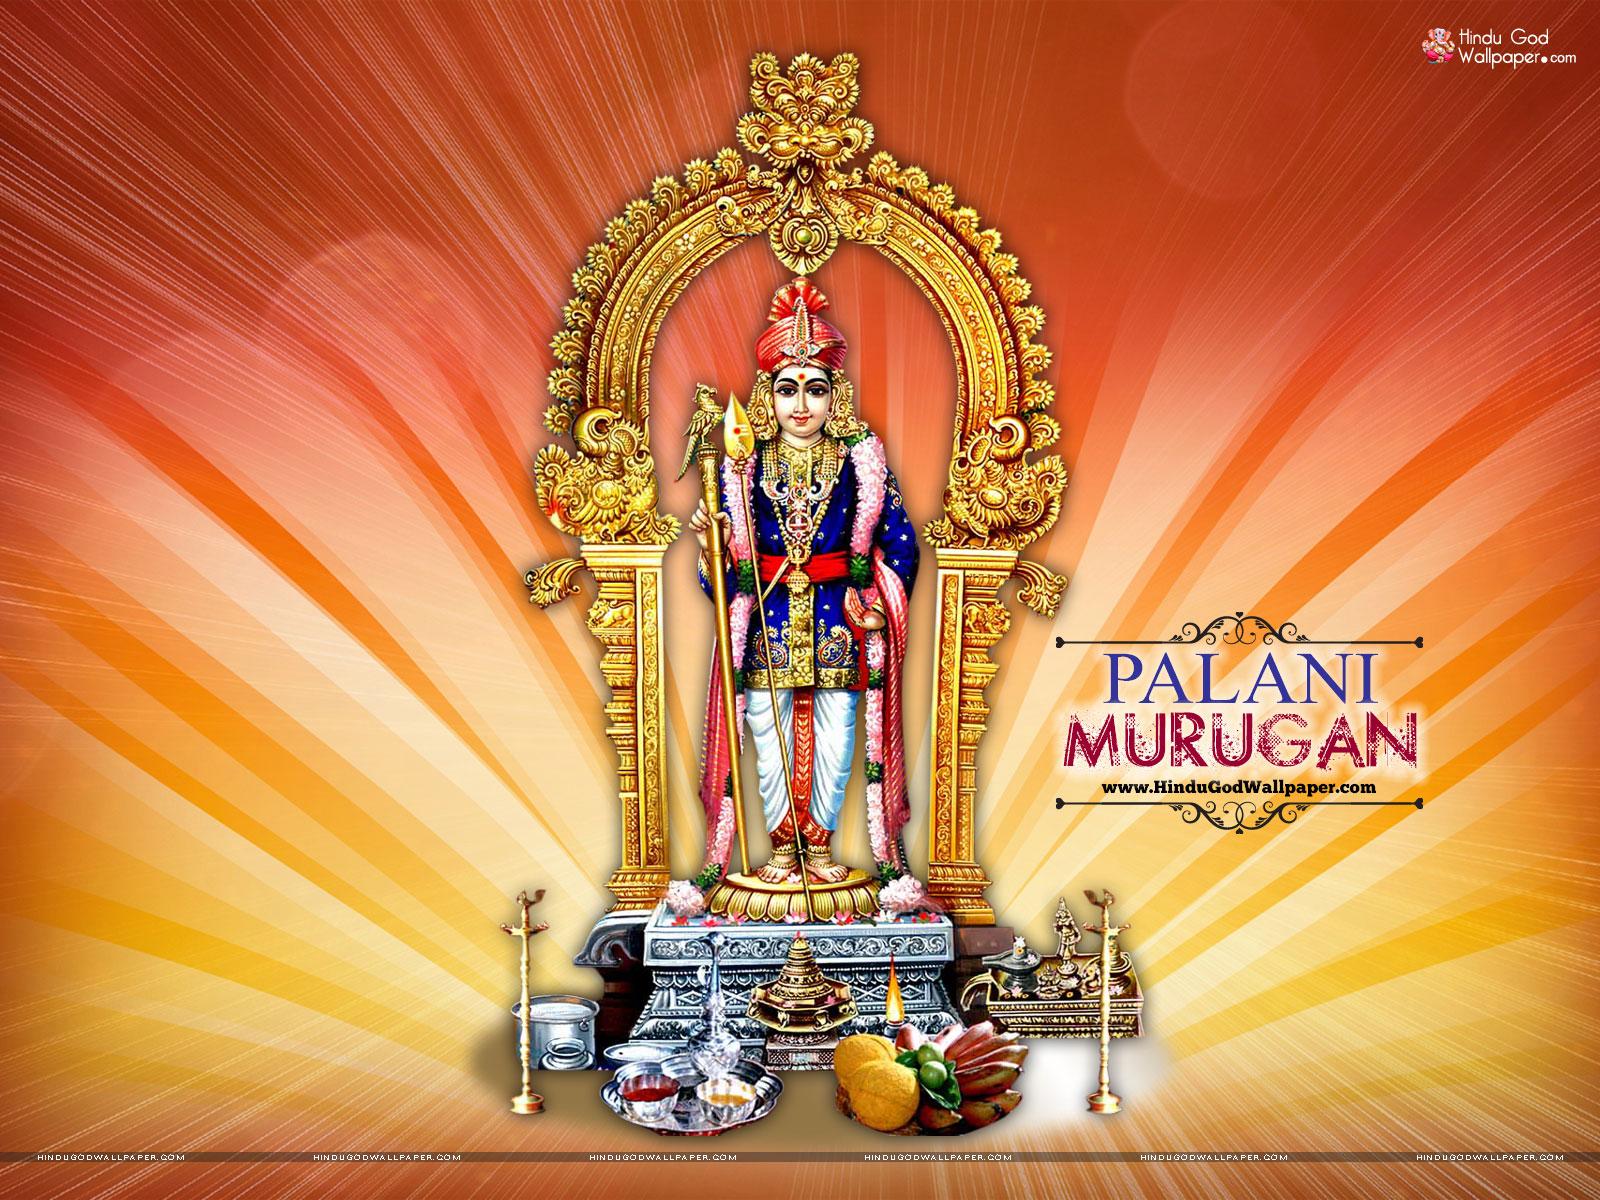 Palani Murugan Hd Wallpapers For Desktop Download